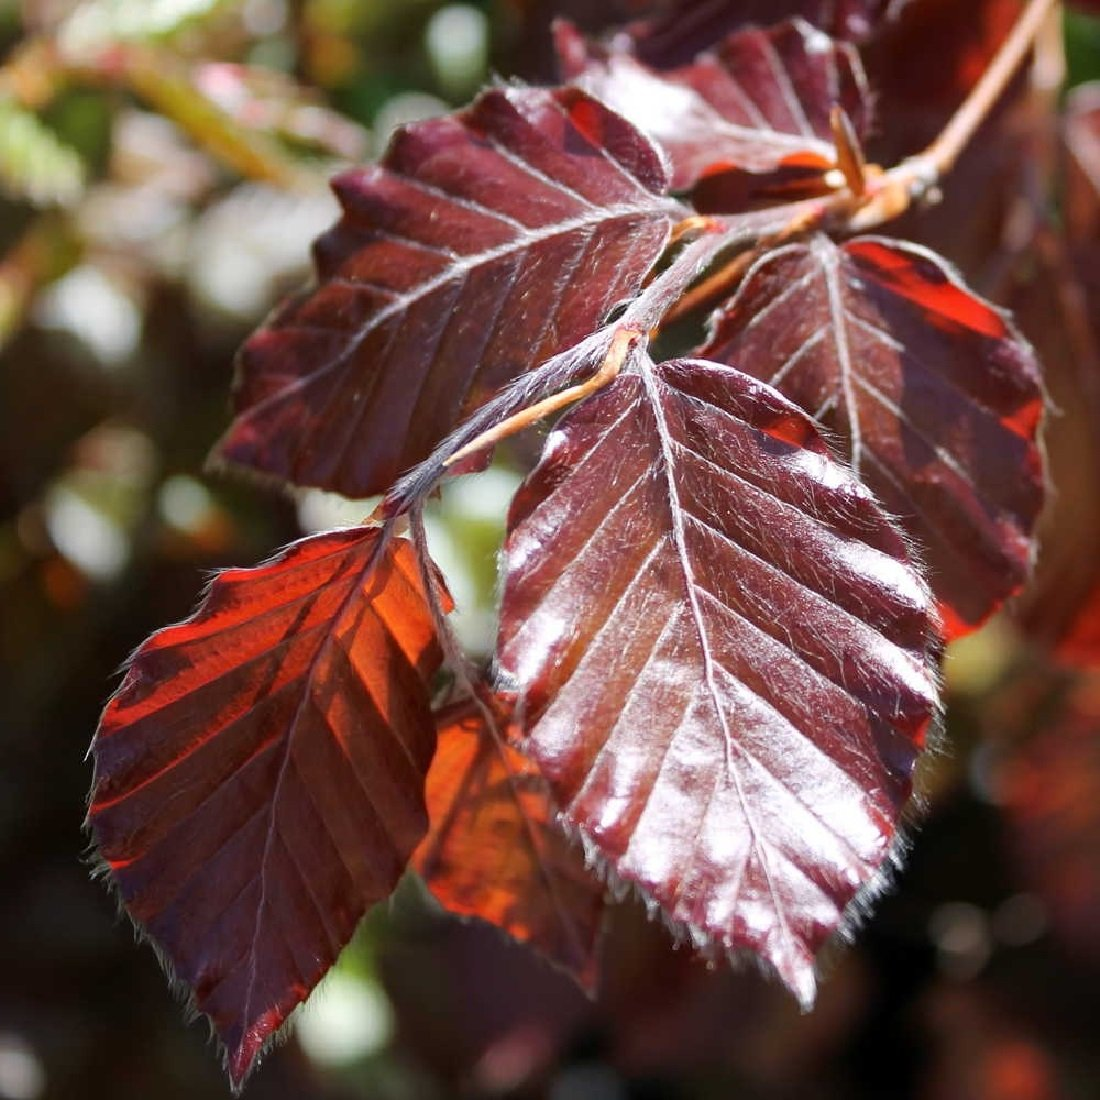 Frostharte Blutbuche Fagus Sylvatica purpurea ca. 120 cm Höhe in verschiedenen Mengen (20)